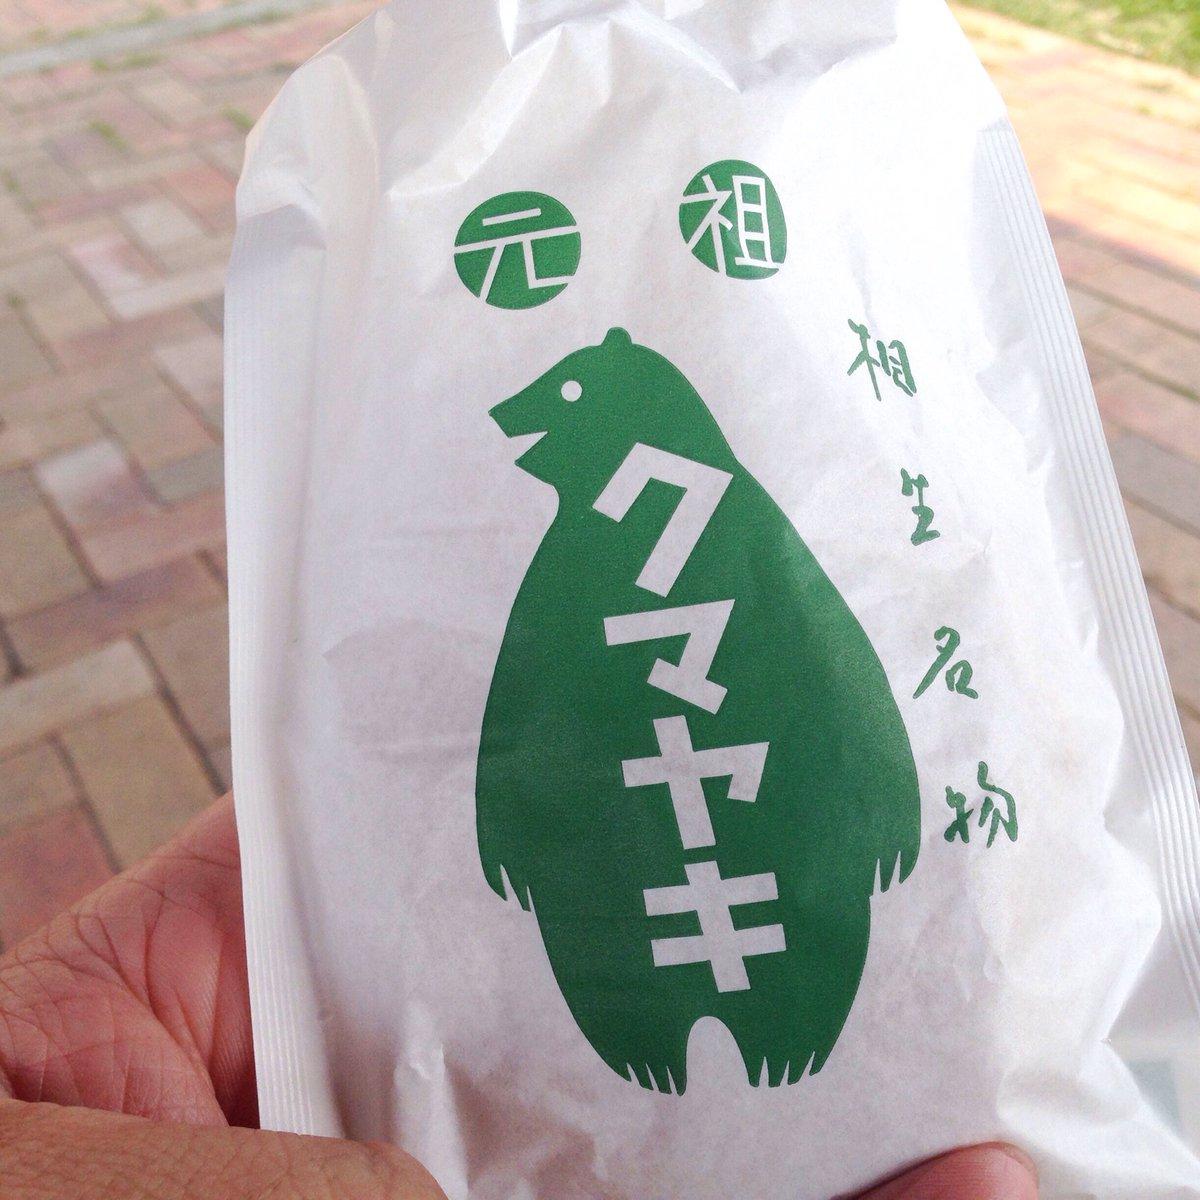 (*^(エ)^) とうとう念願のクマヤキを食べてきたぞ!道東の津別町の「道の駅あいおい」名物だよ!往復で9時間かかって高速代が約1万円だけど食べてよかった! https://t.co/ysxz7pW5mc